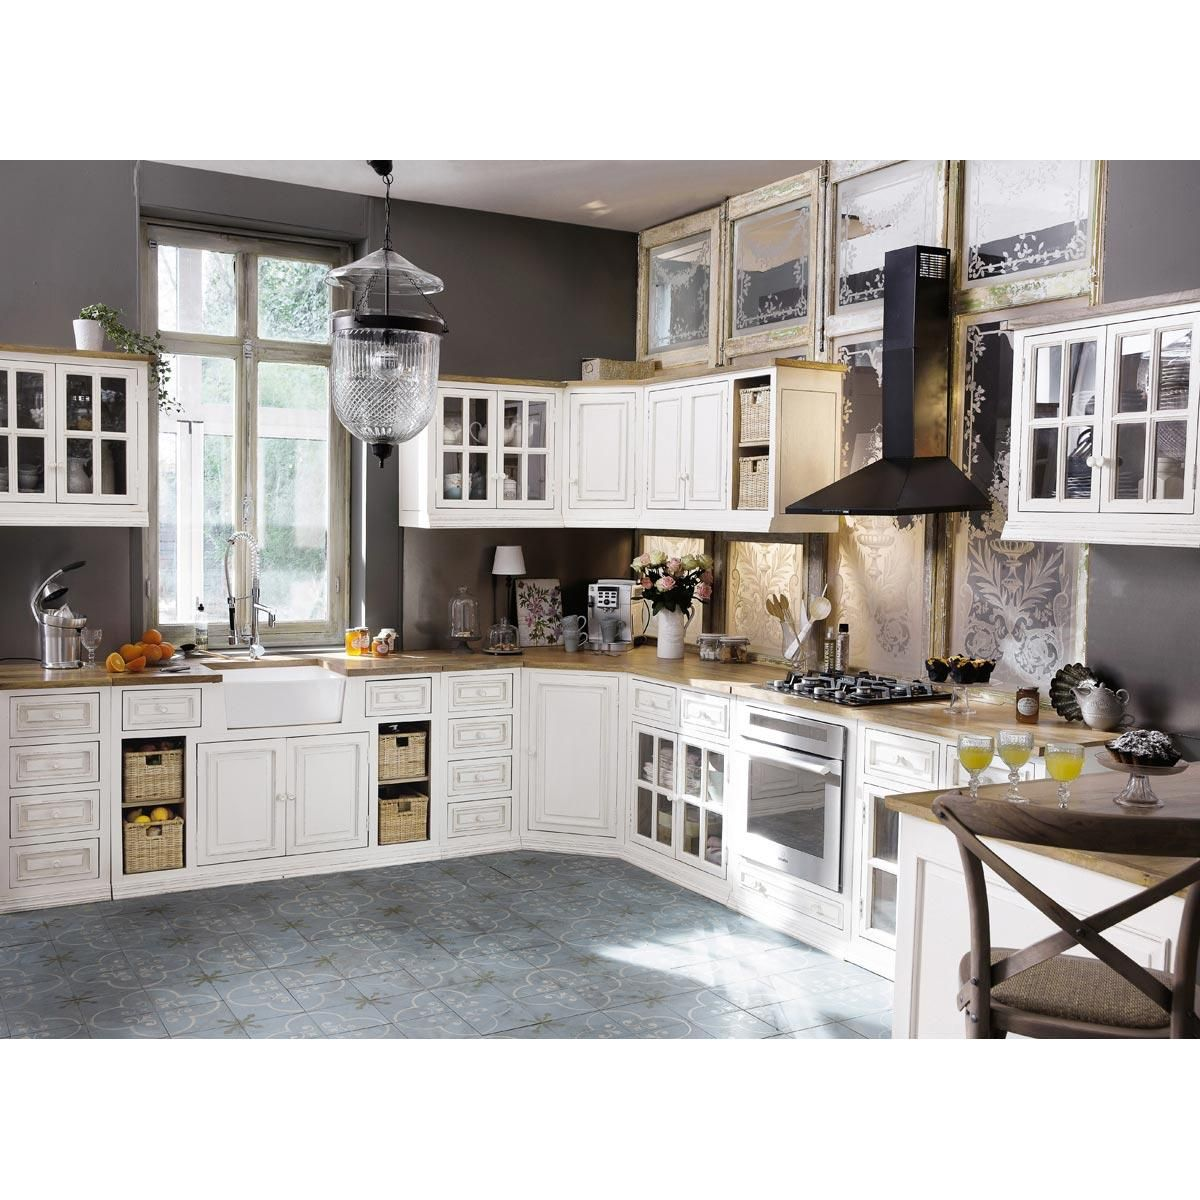 Mueble bajo de cocina marfil de mango acristalado | Muebles bajos de ...